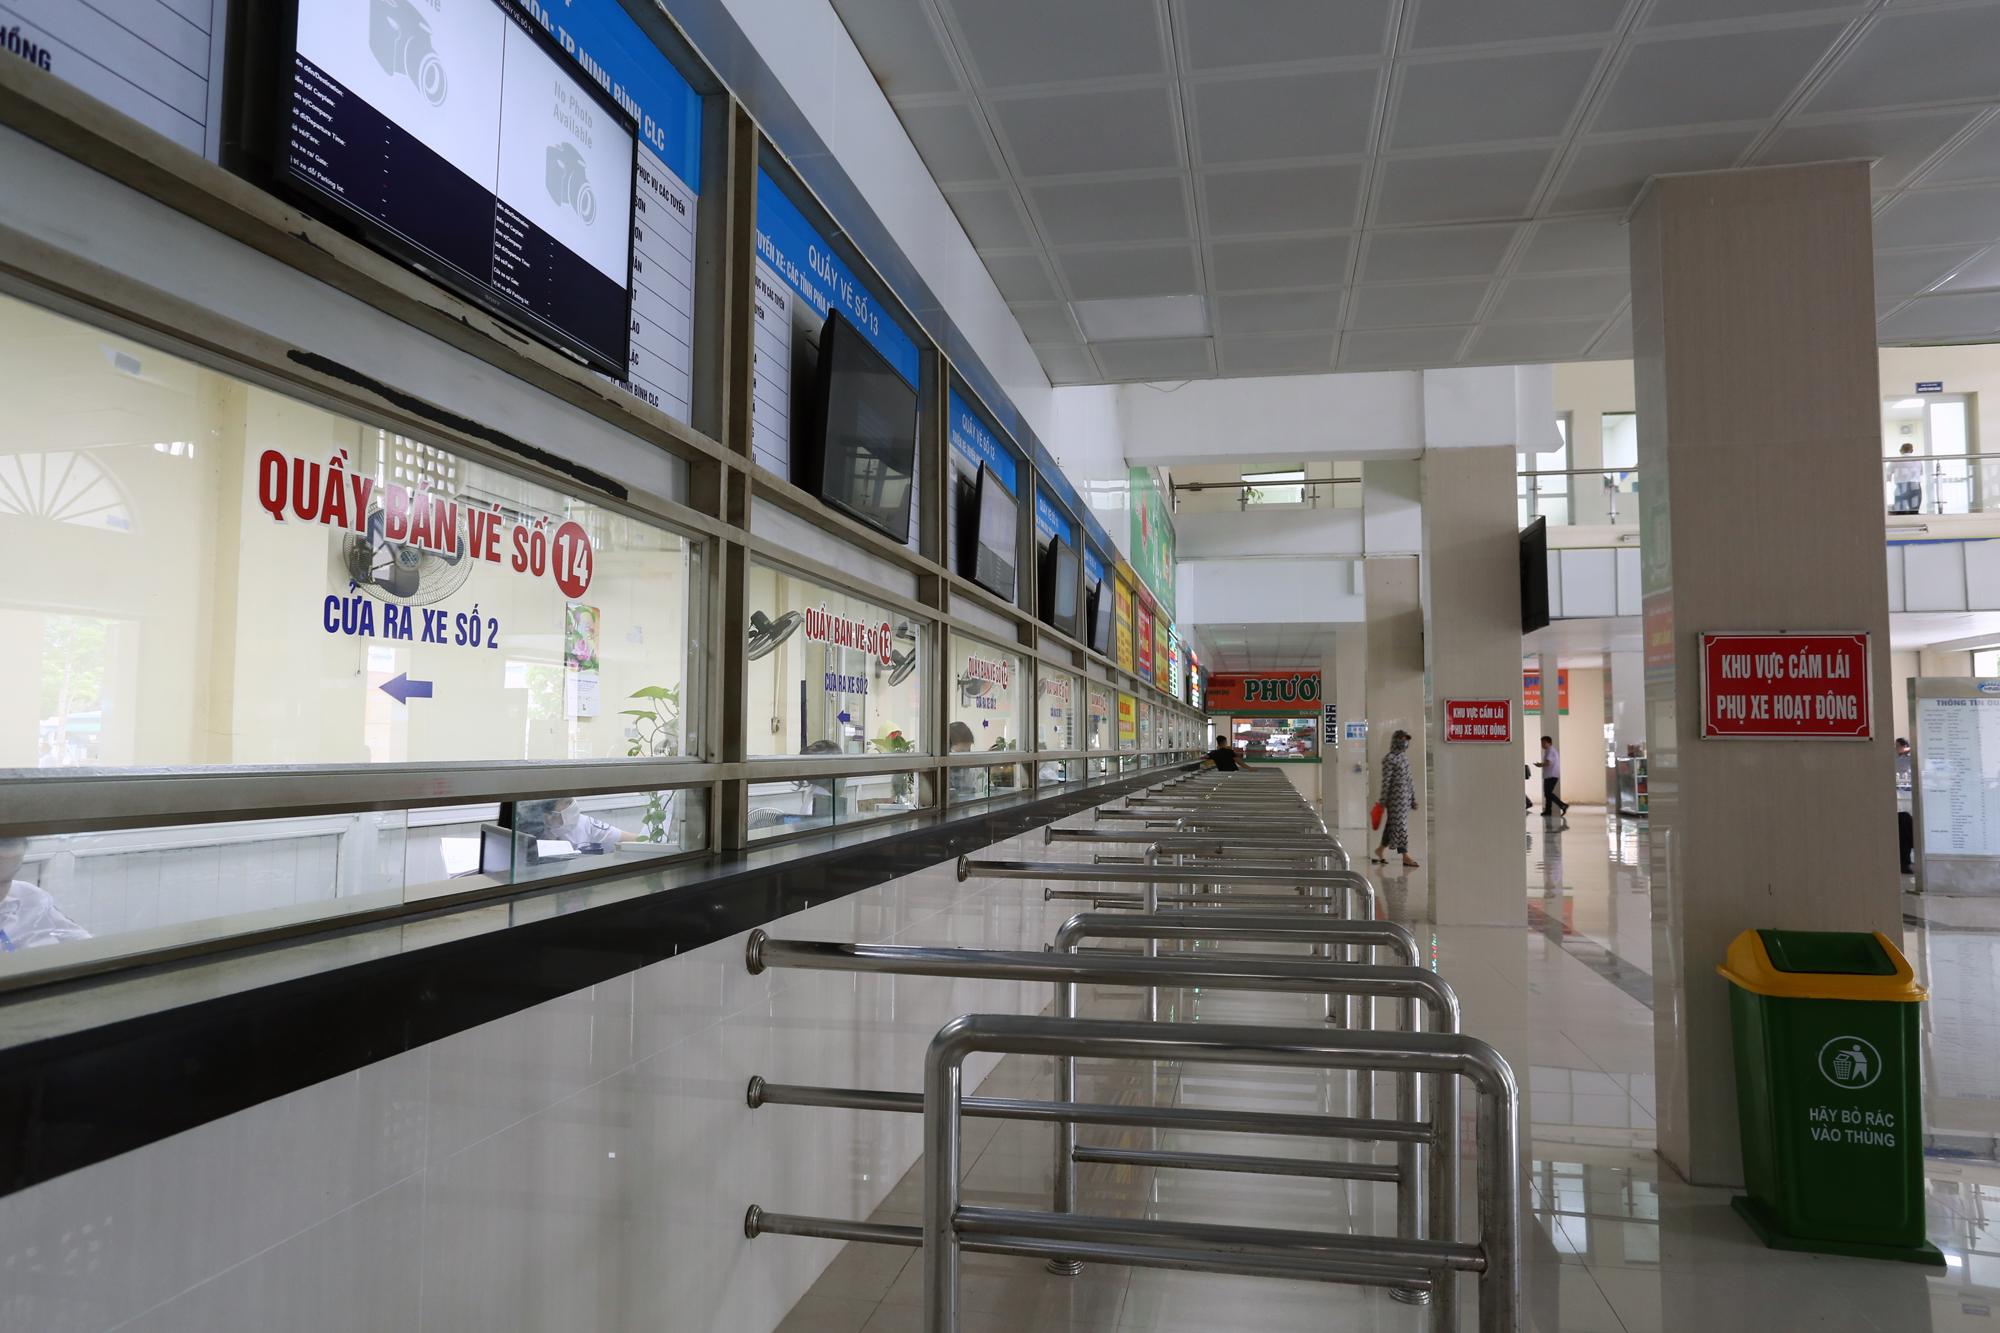 Vận tải khách trở lại bình thường, bến xe ở Hà Nội vẫn vắng vẻ - Ảnh 11.